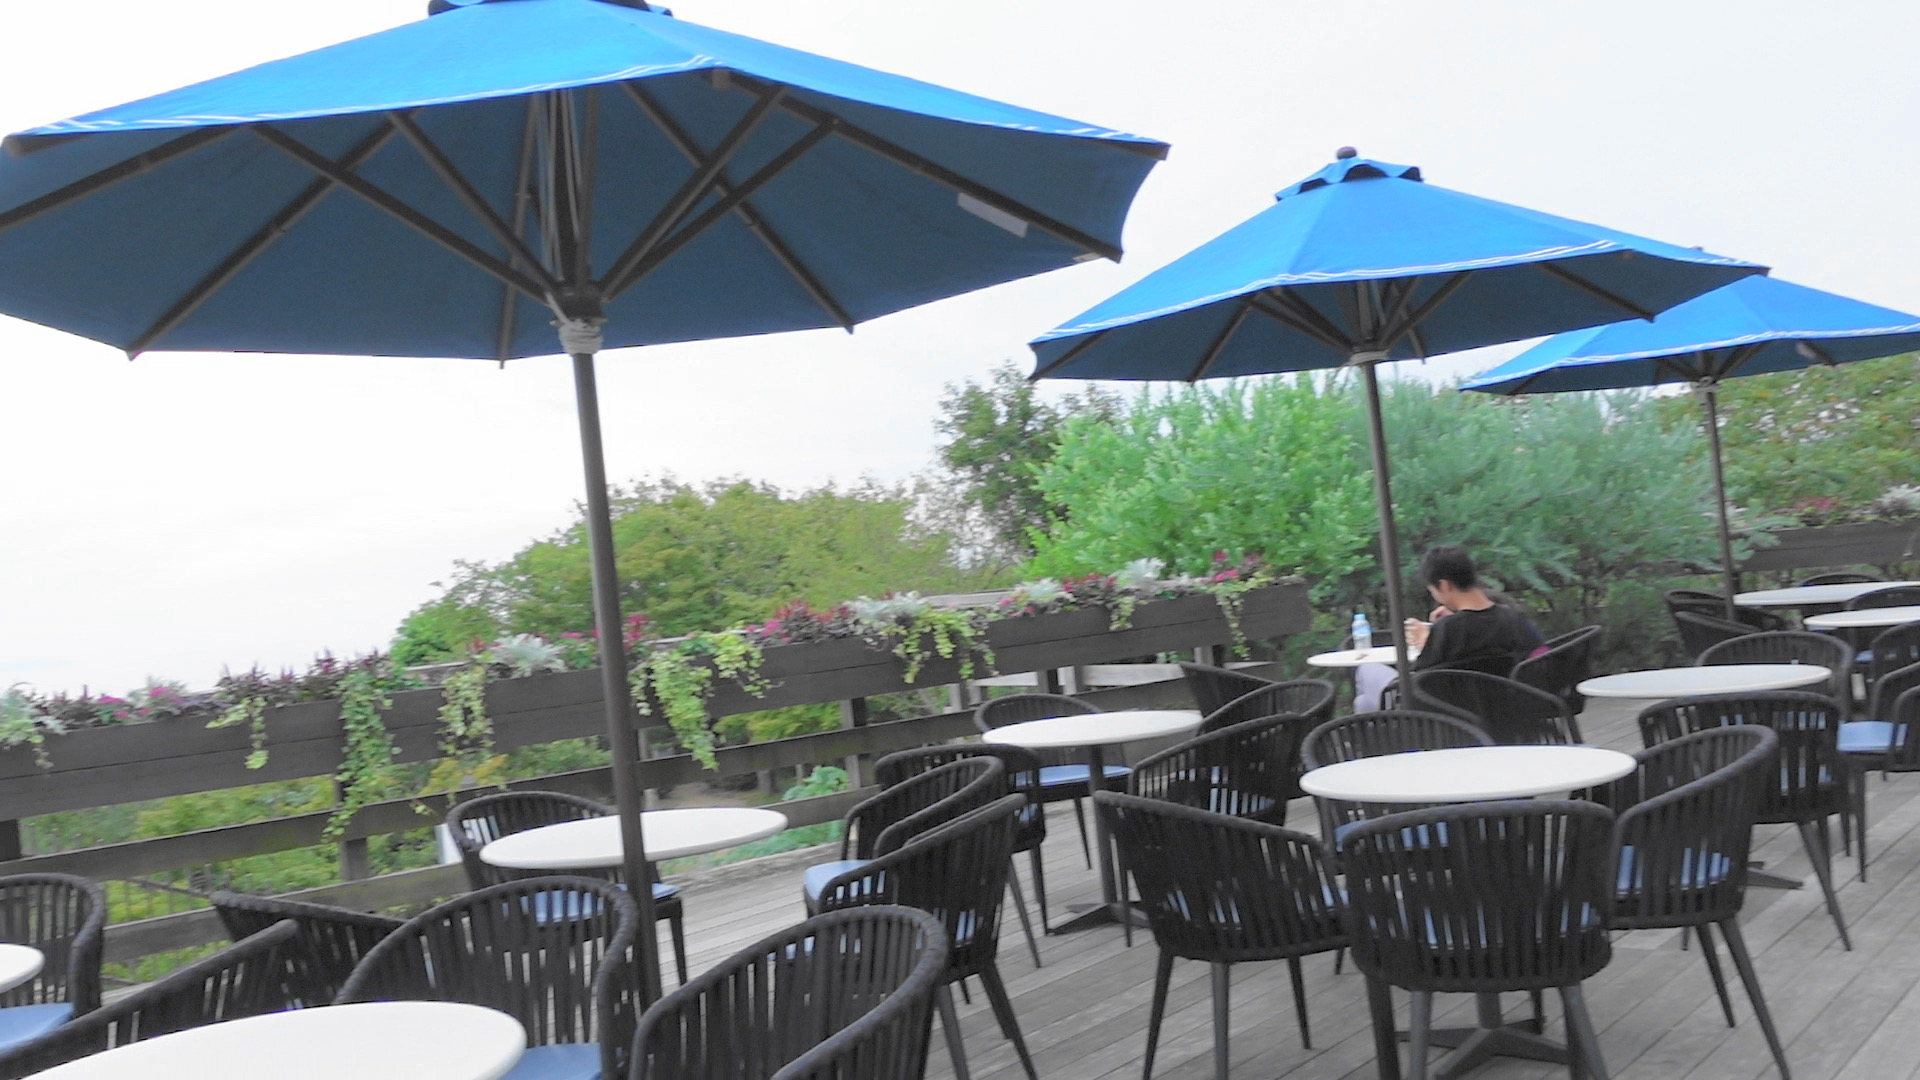 【神戸】神戸布引ハーブ園にいってみたらお洒落なテラスのカフェとハンモックがあってインスタ映えスポットだった_5